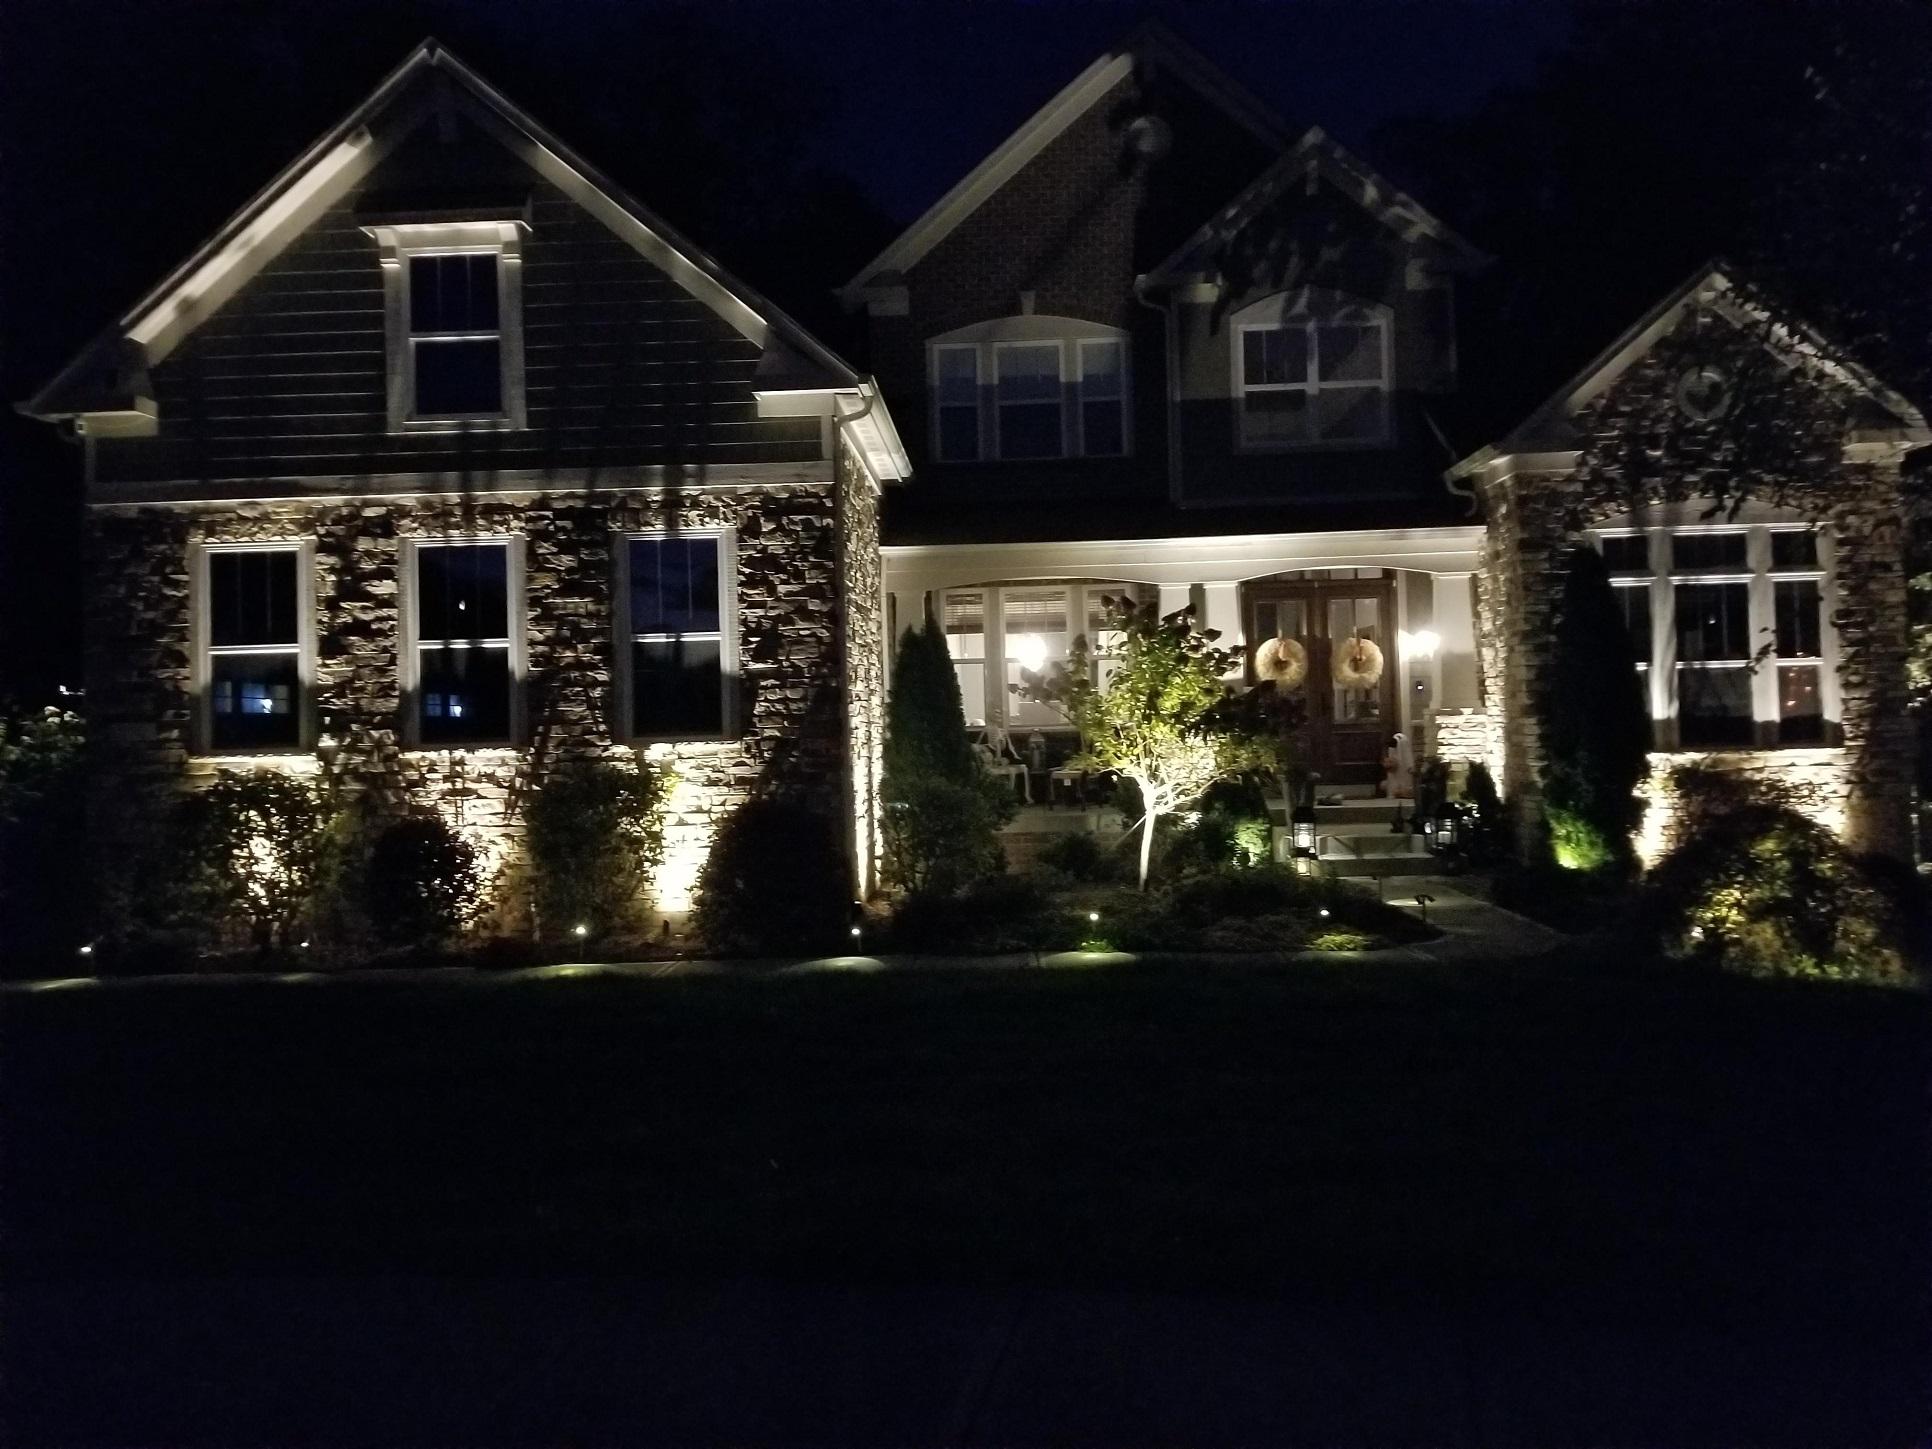 Landscpae lighting Avon19